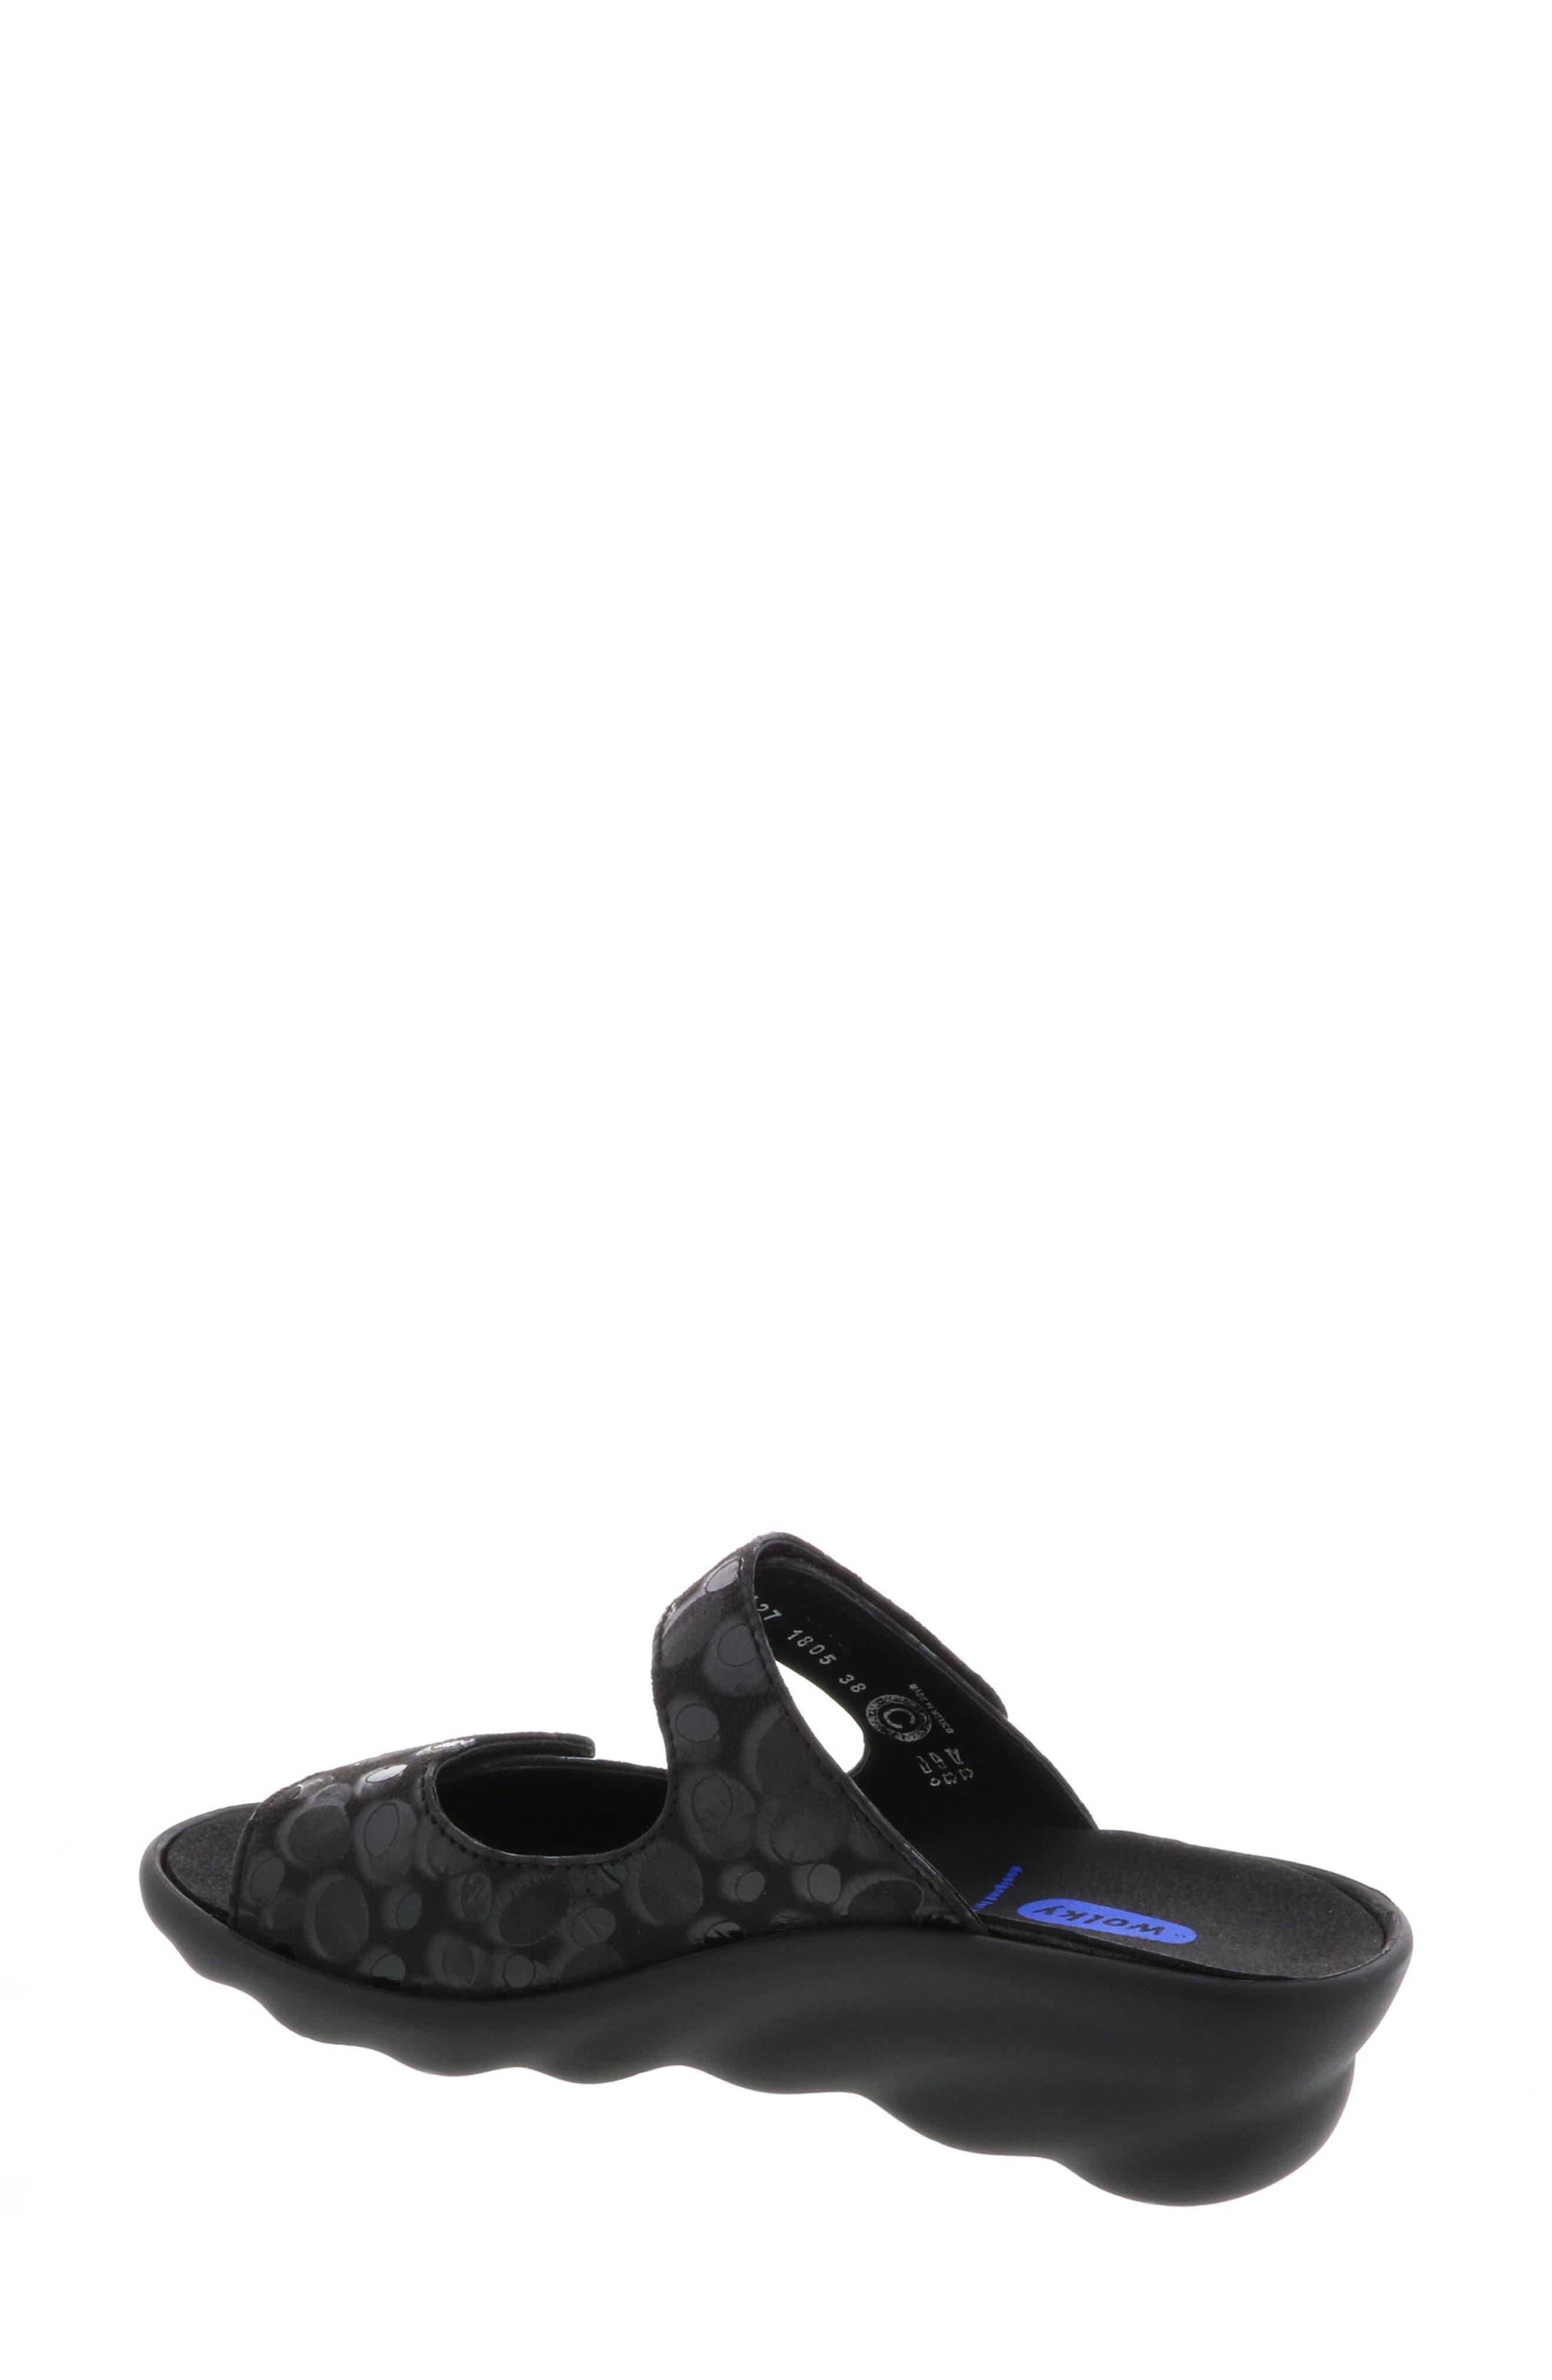 Bolena Slide Sandal,                             Alternate thumbnail 2, color,                             BLACK CIRCLE PRINT